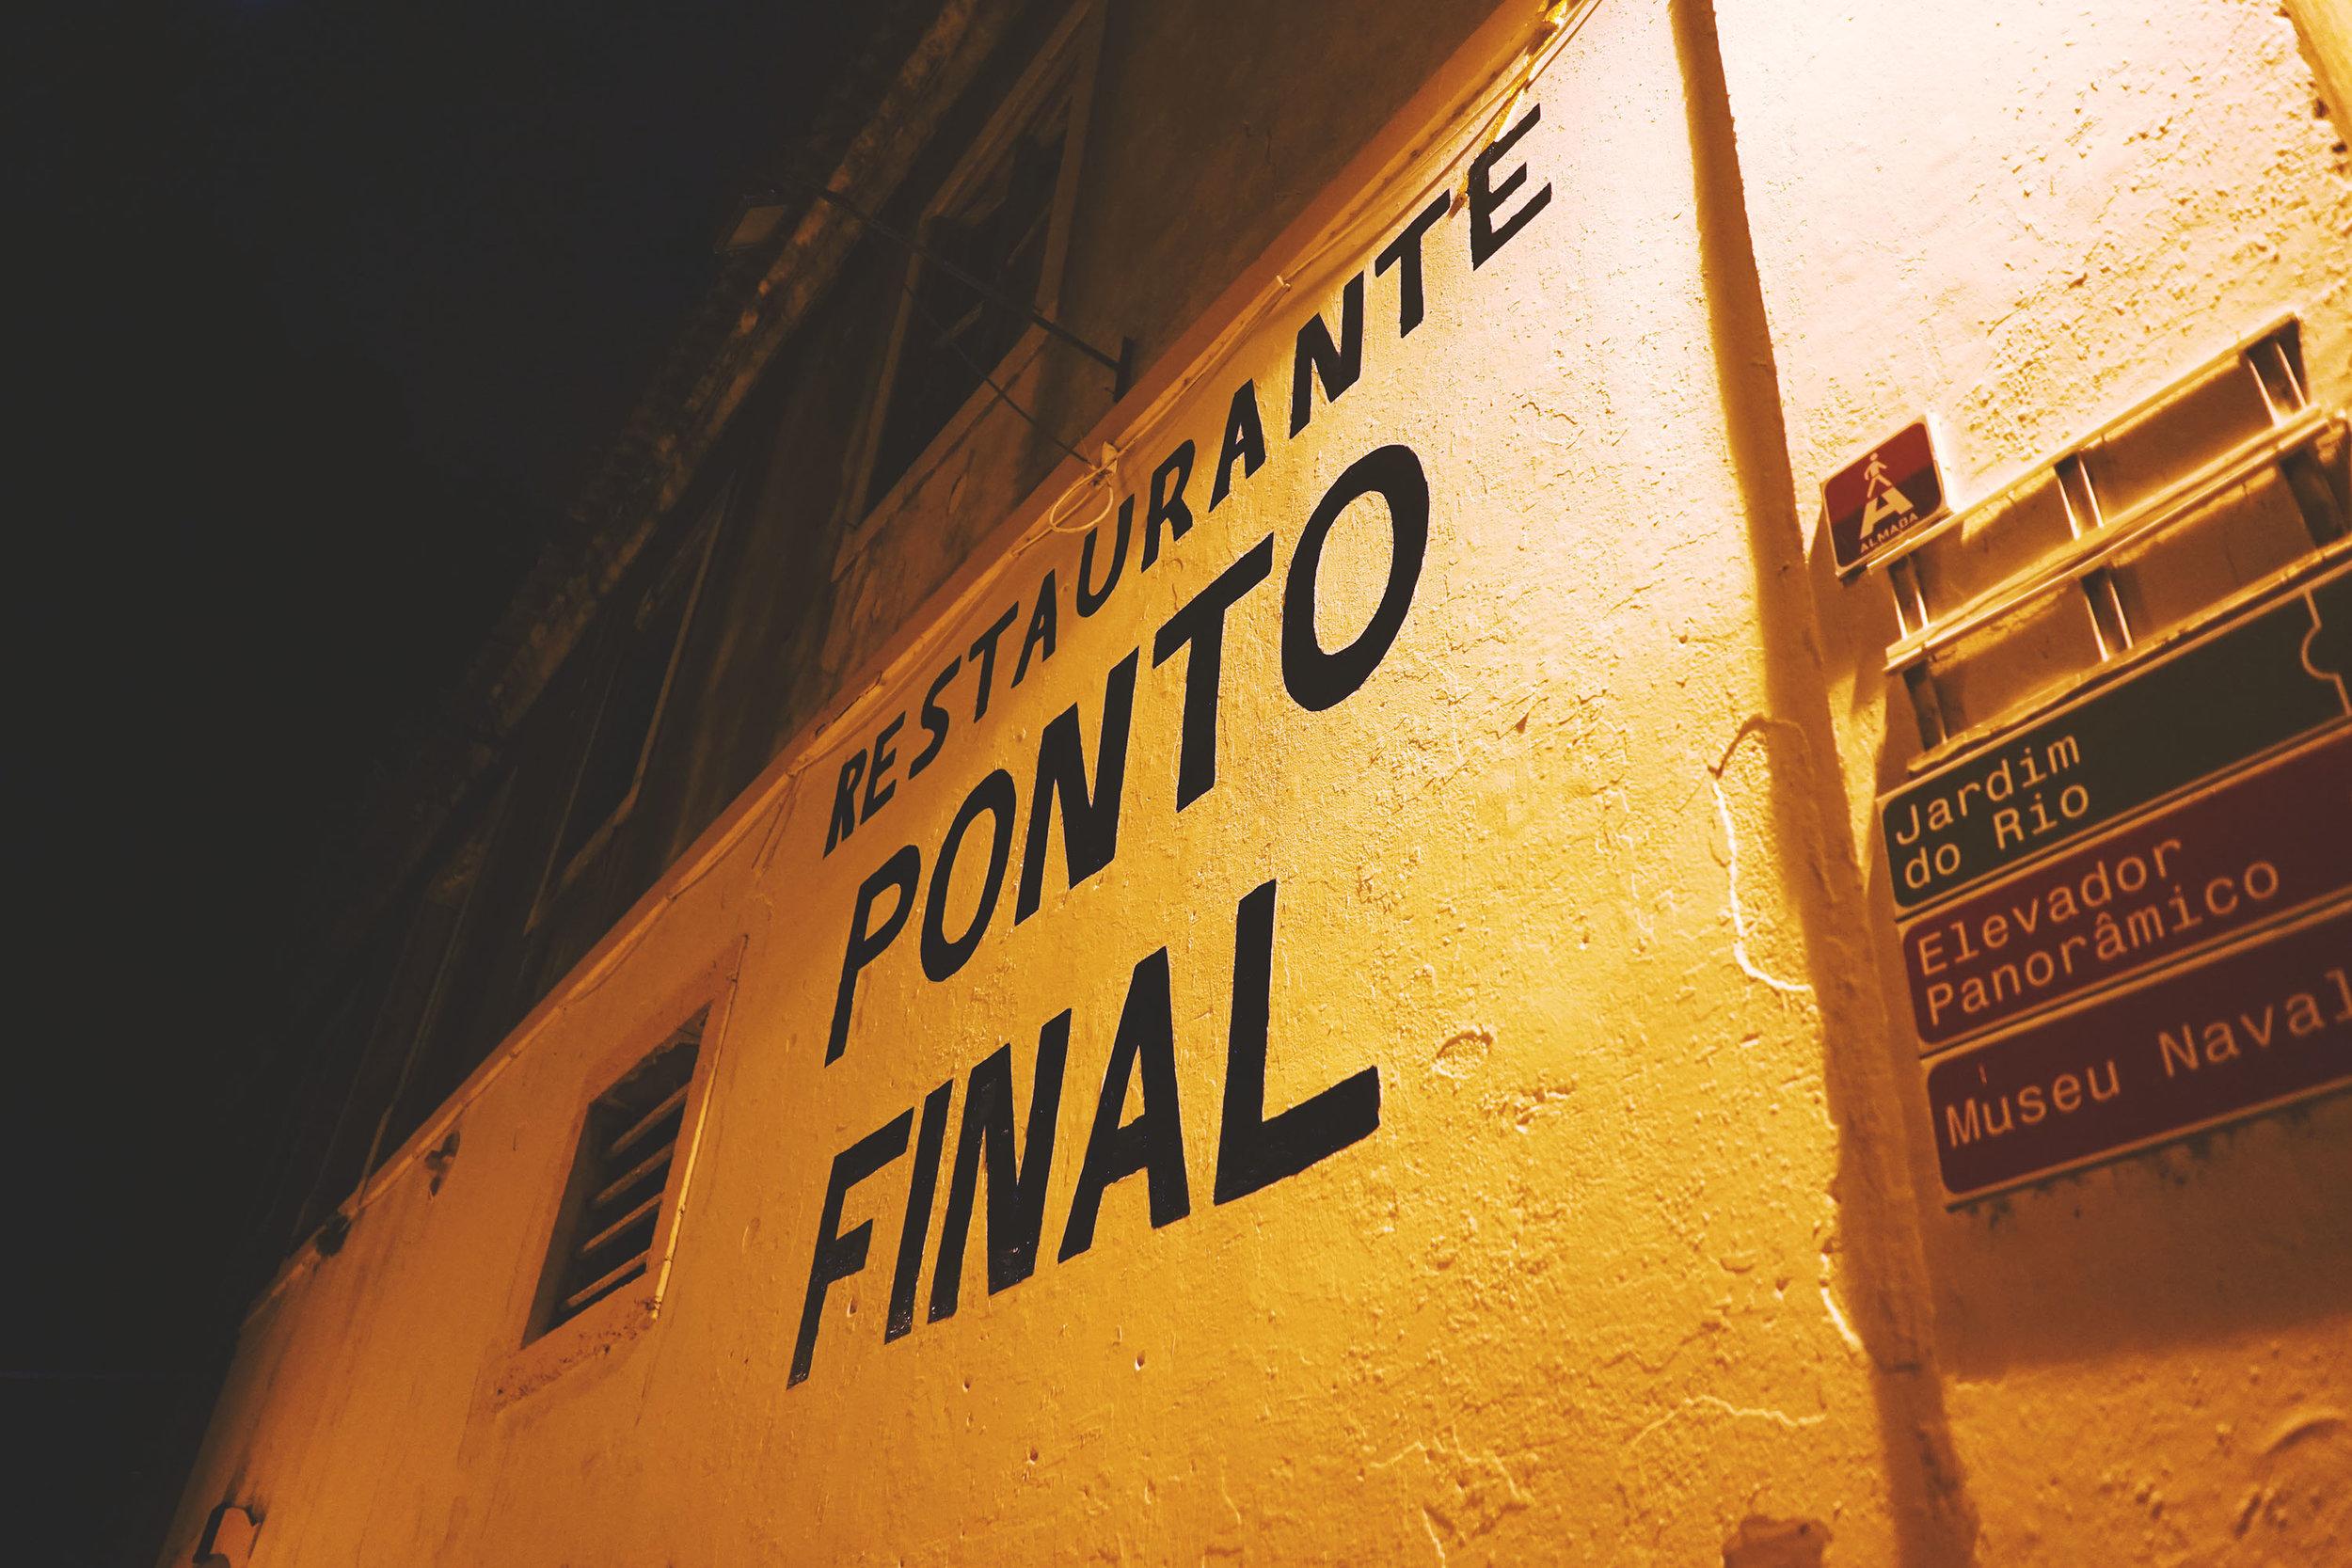 AwayWeWent-PontoFinal-004.jpg